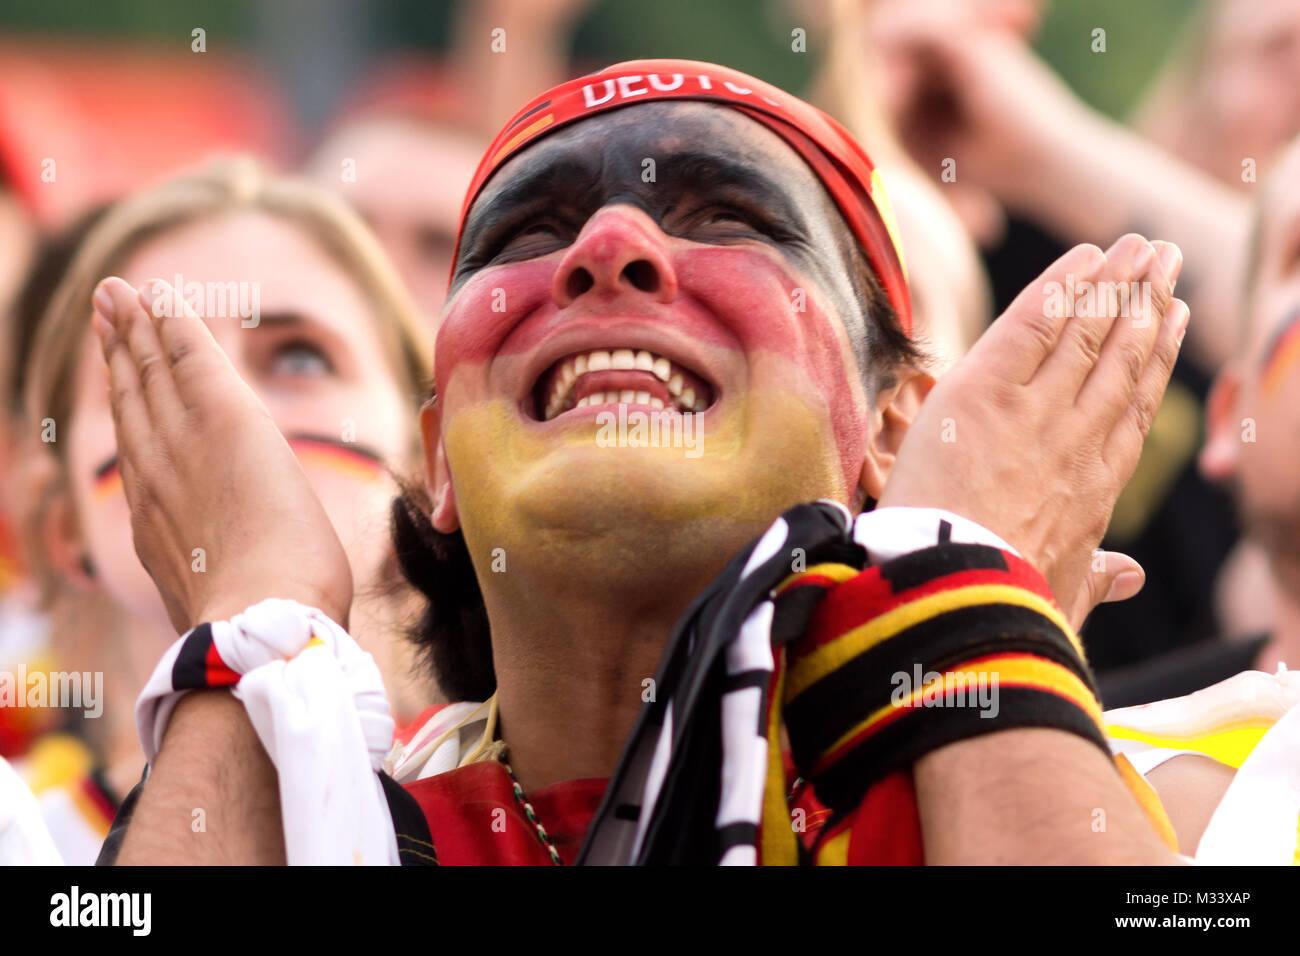 Mit Kopfschmuck männlicher Fussballfan auf der Fanmeile zur Europameisterschaft 2012 Deutschland gegen Griechenland am Brandenburger Tor en Berlín. Foto de stock